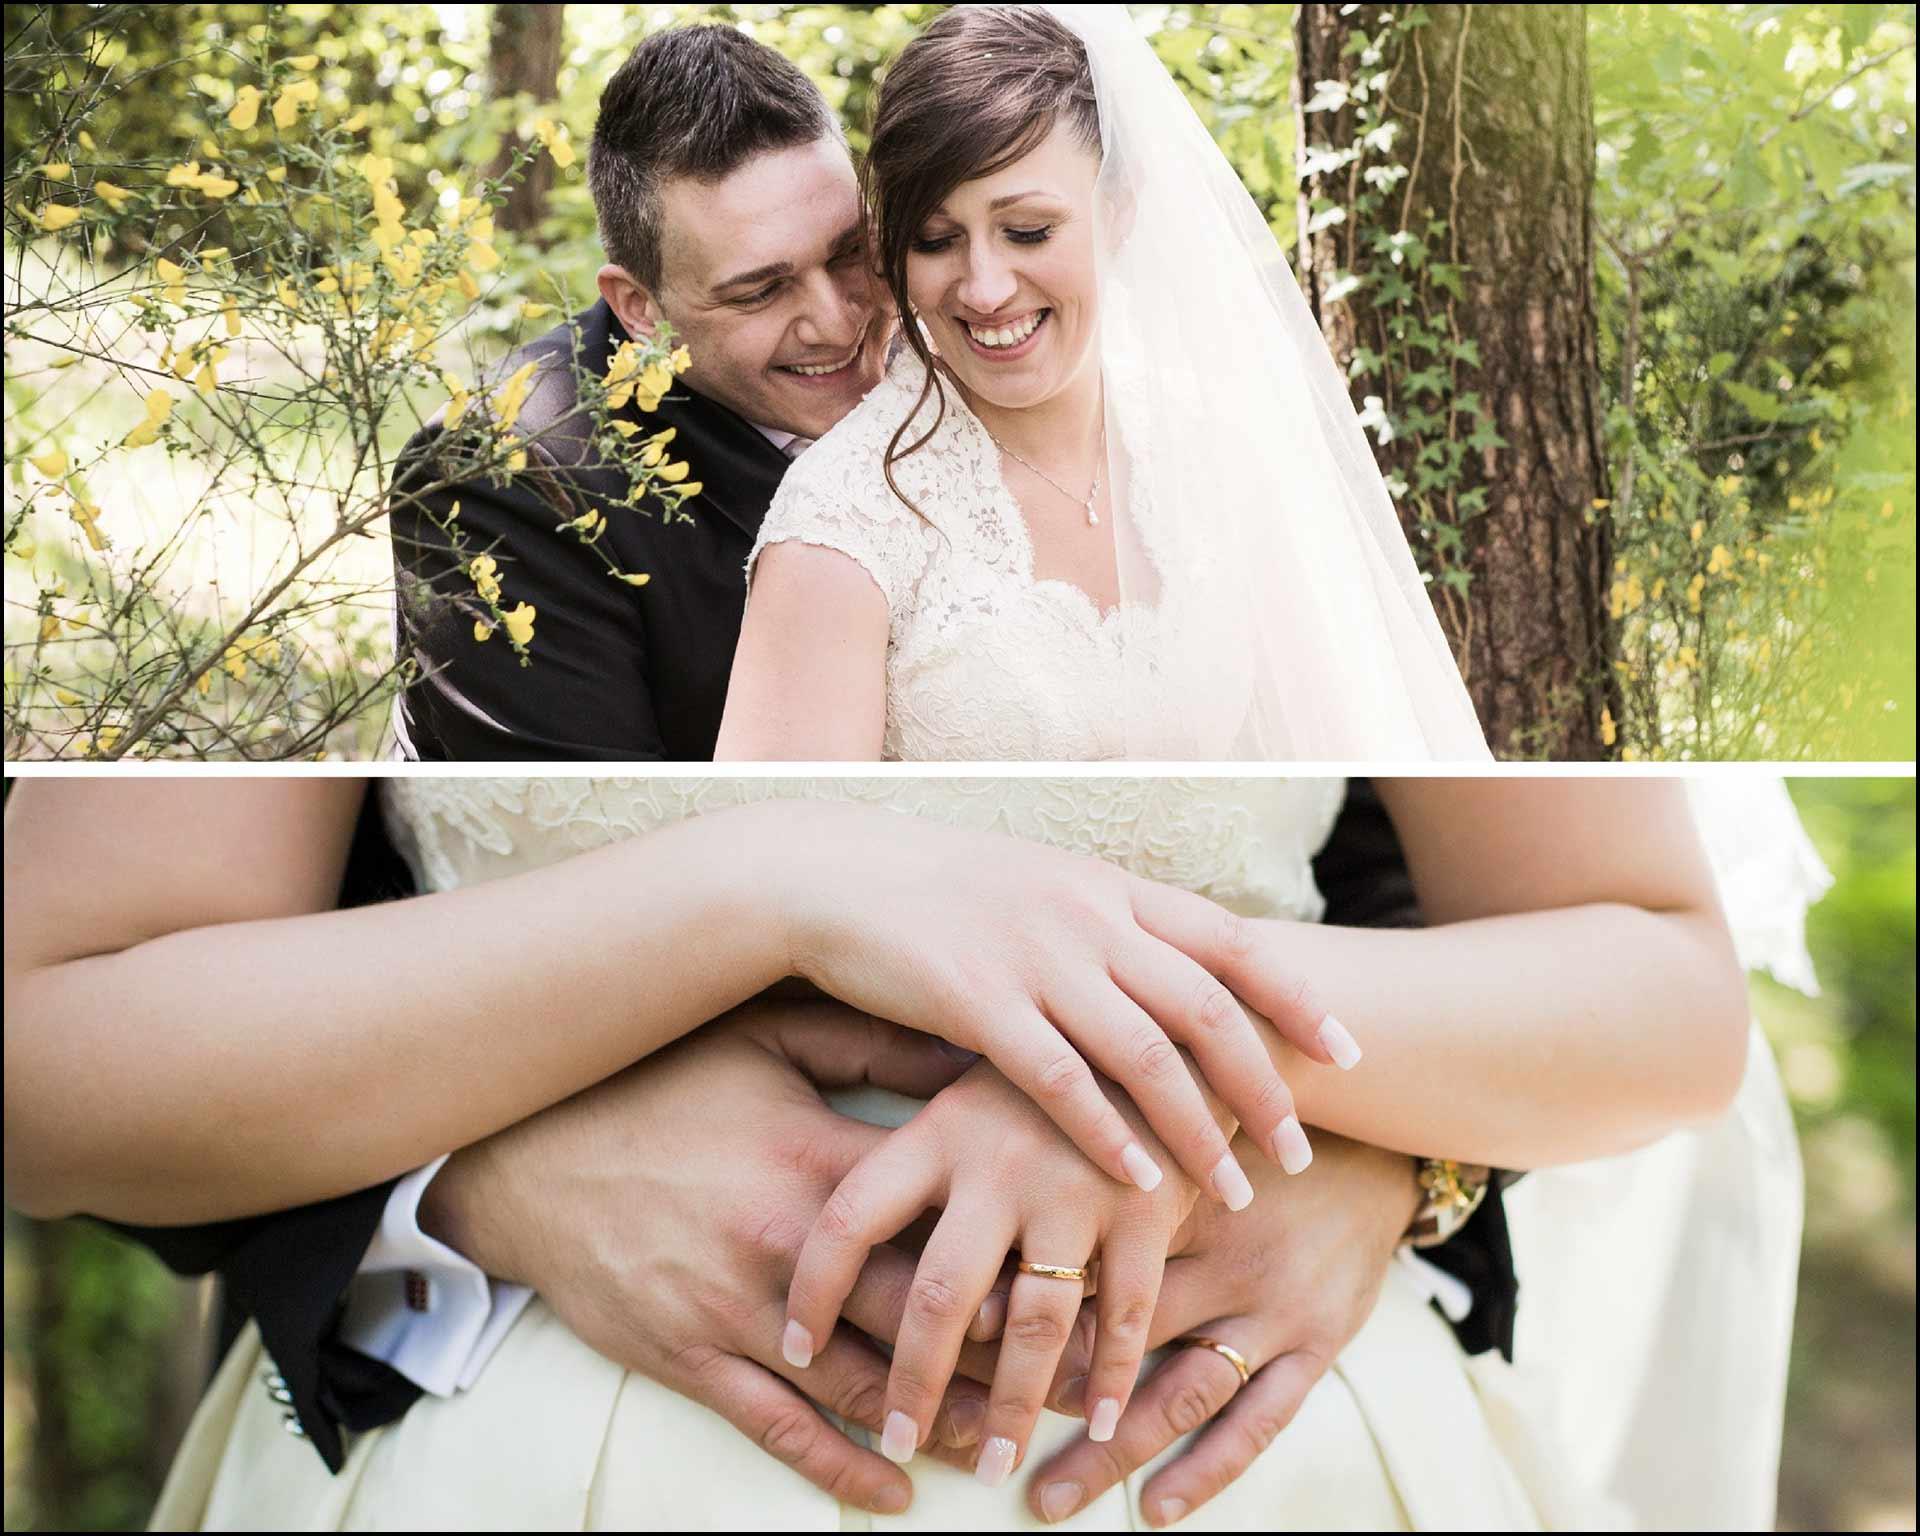 Un dolce abbraccio tra gli sposi